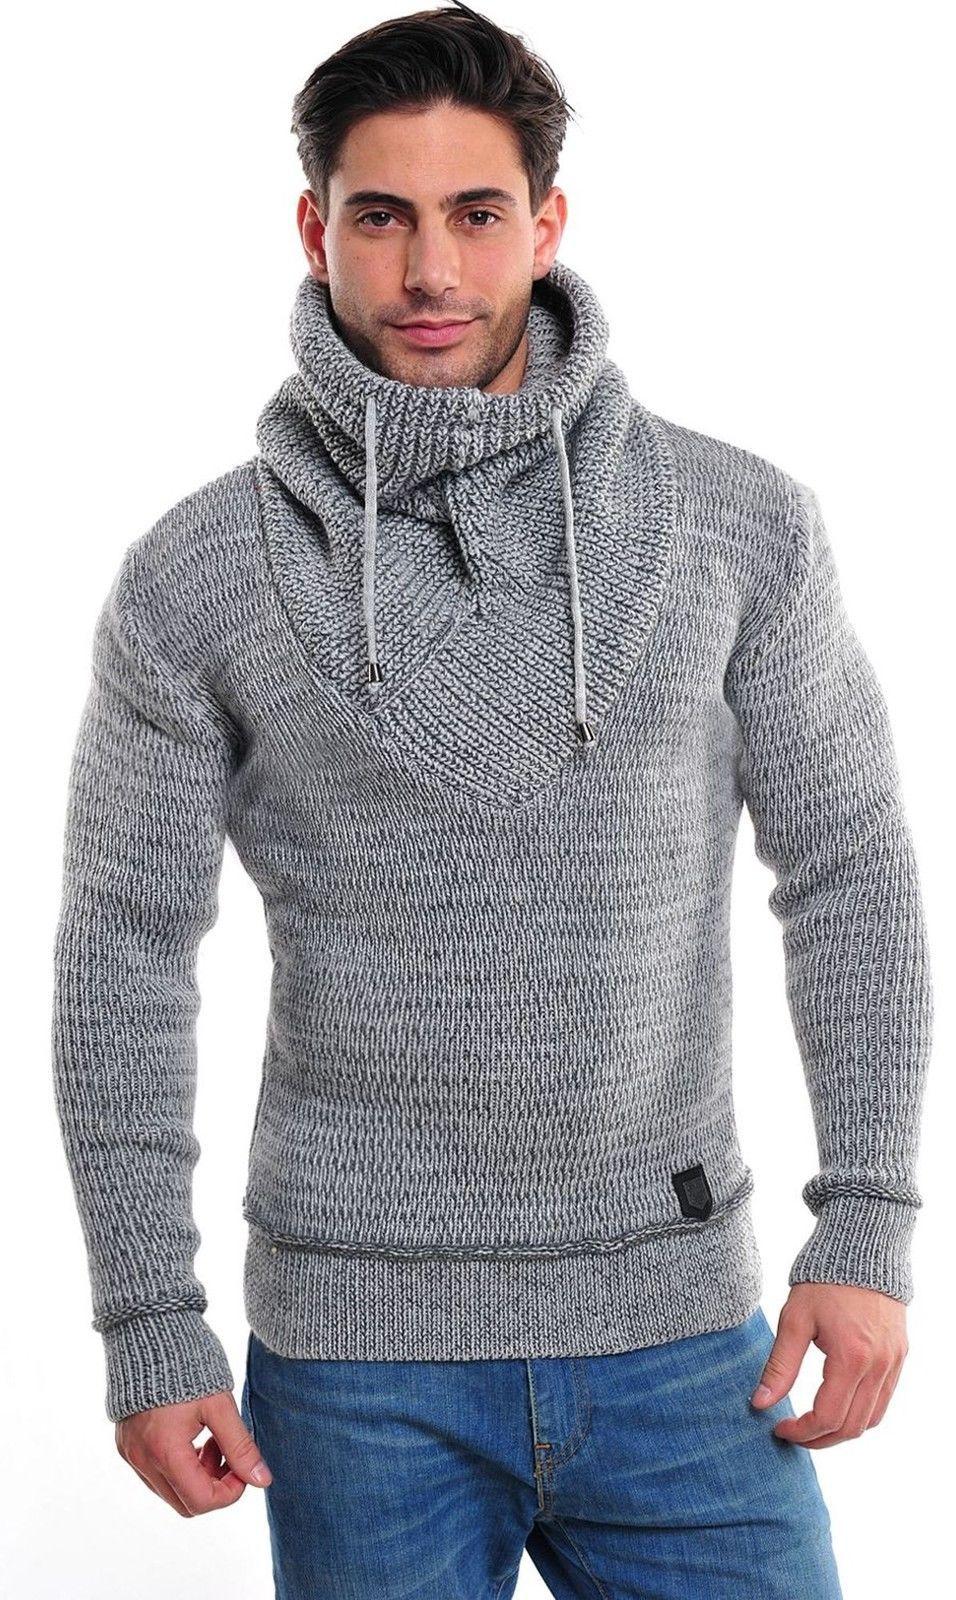 Вязание свитеров мужчинам описание